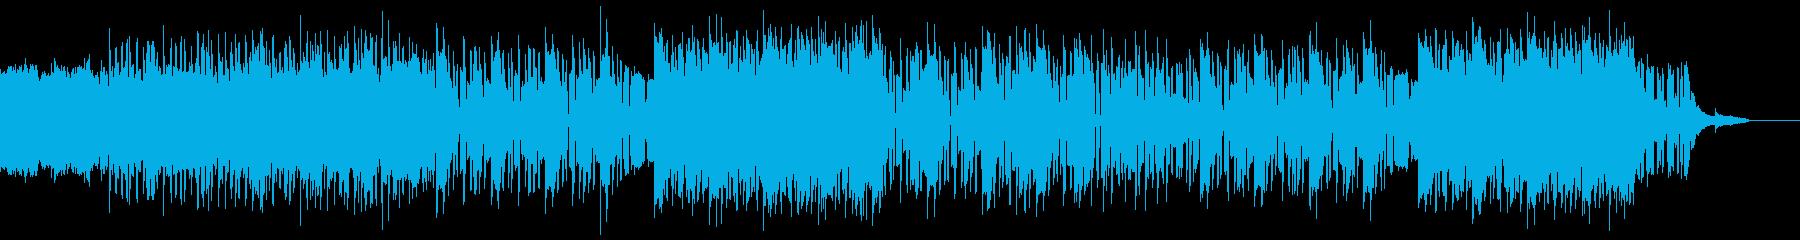 アンビエント 技術的な 説明的 ハ...の再生済みの波形